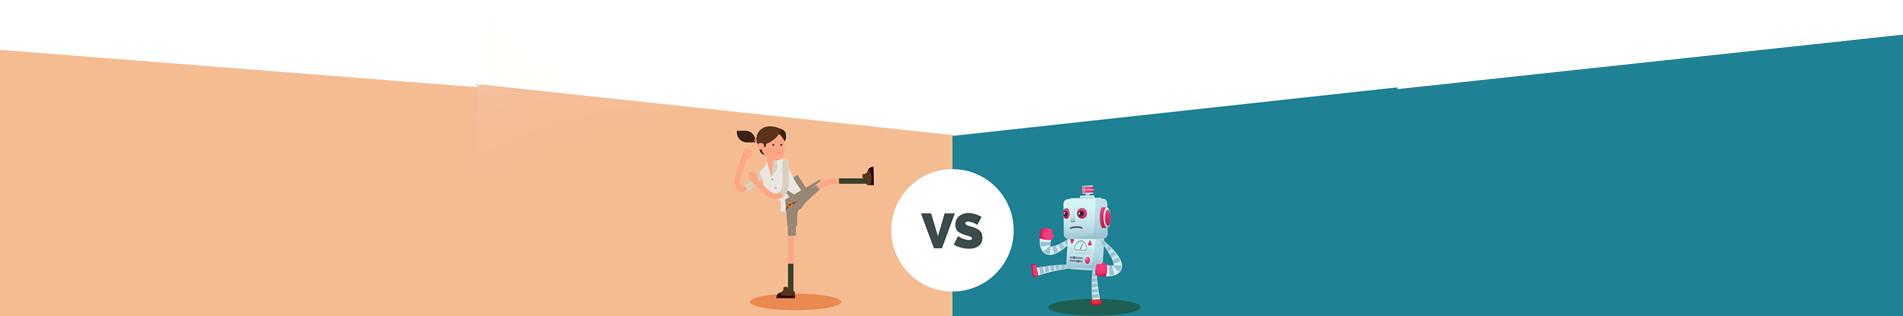 woman-vs-machine.png